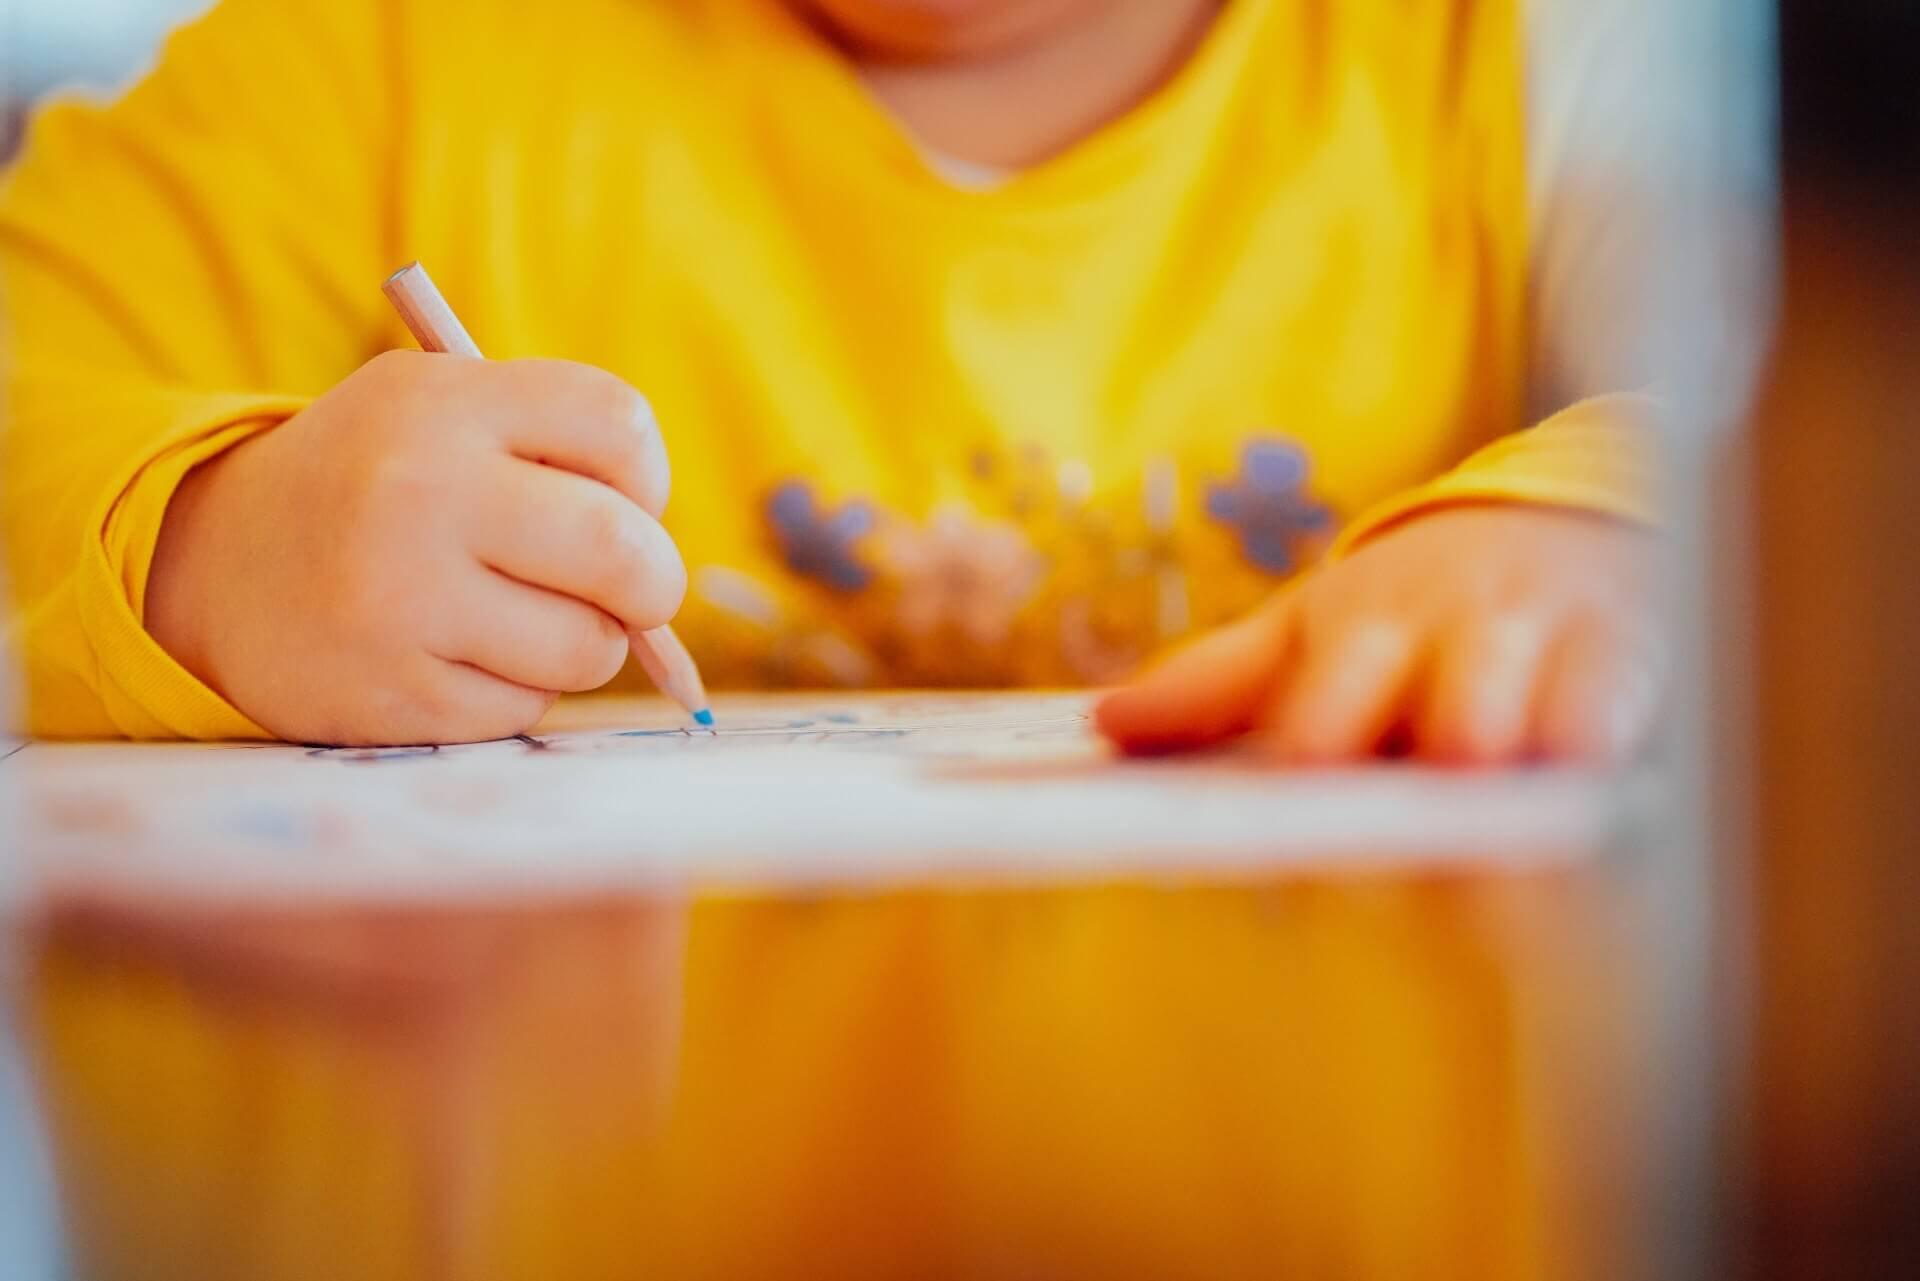 Obkreslování, vybarvování a malování patří k běžným činnostem dětí v předškolním věku